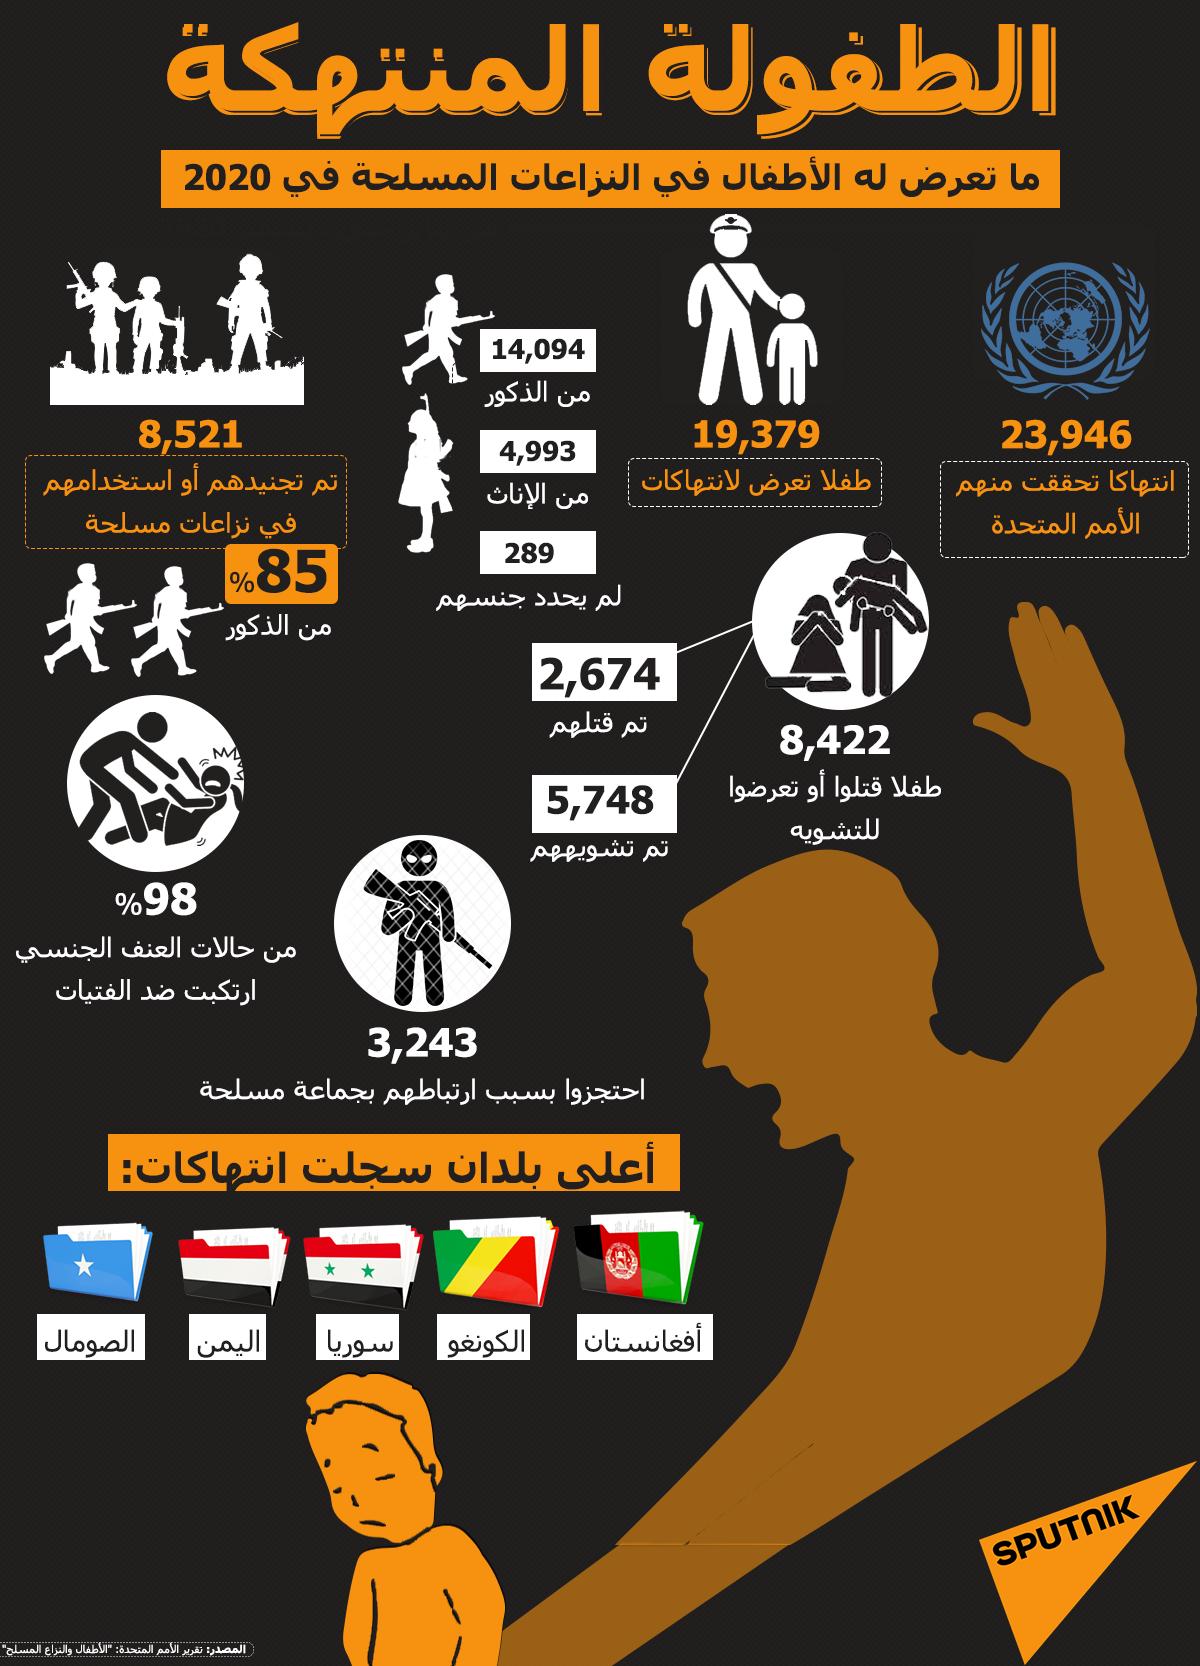 الطفولة المنتهكة... ما تعرض له الأطفال في النزاعات المسلحة في 2020